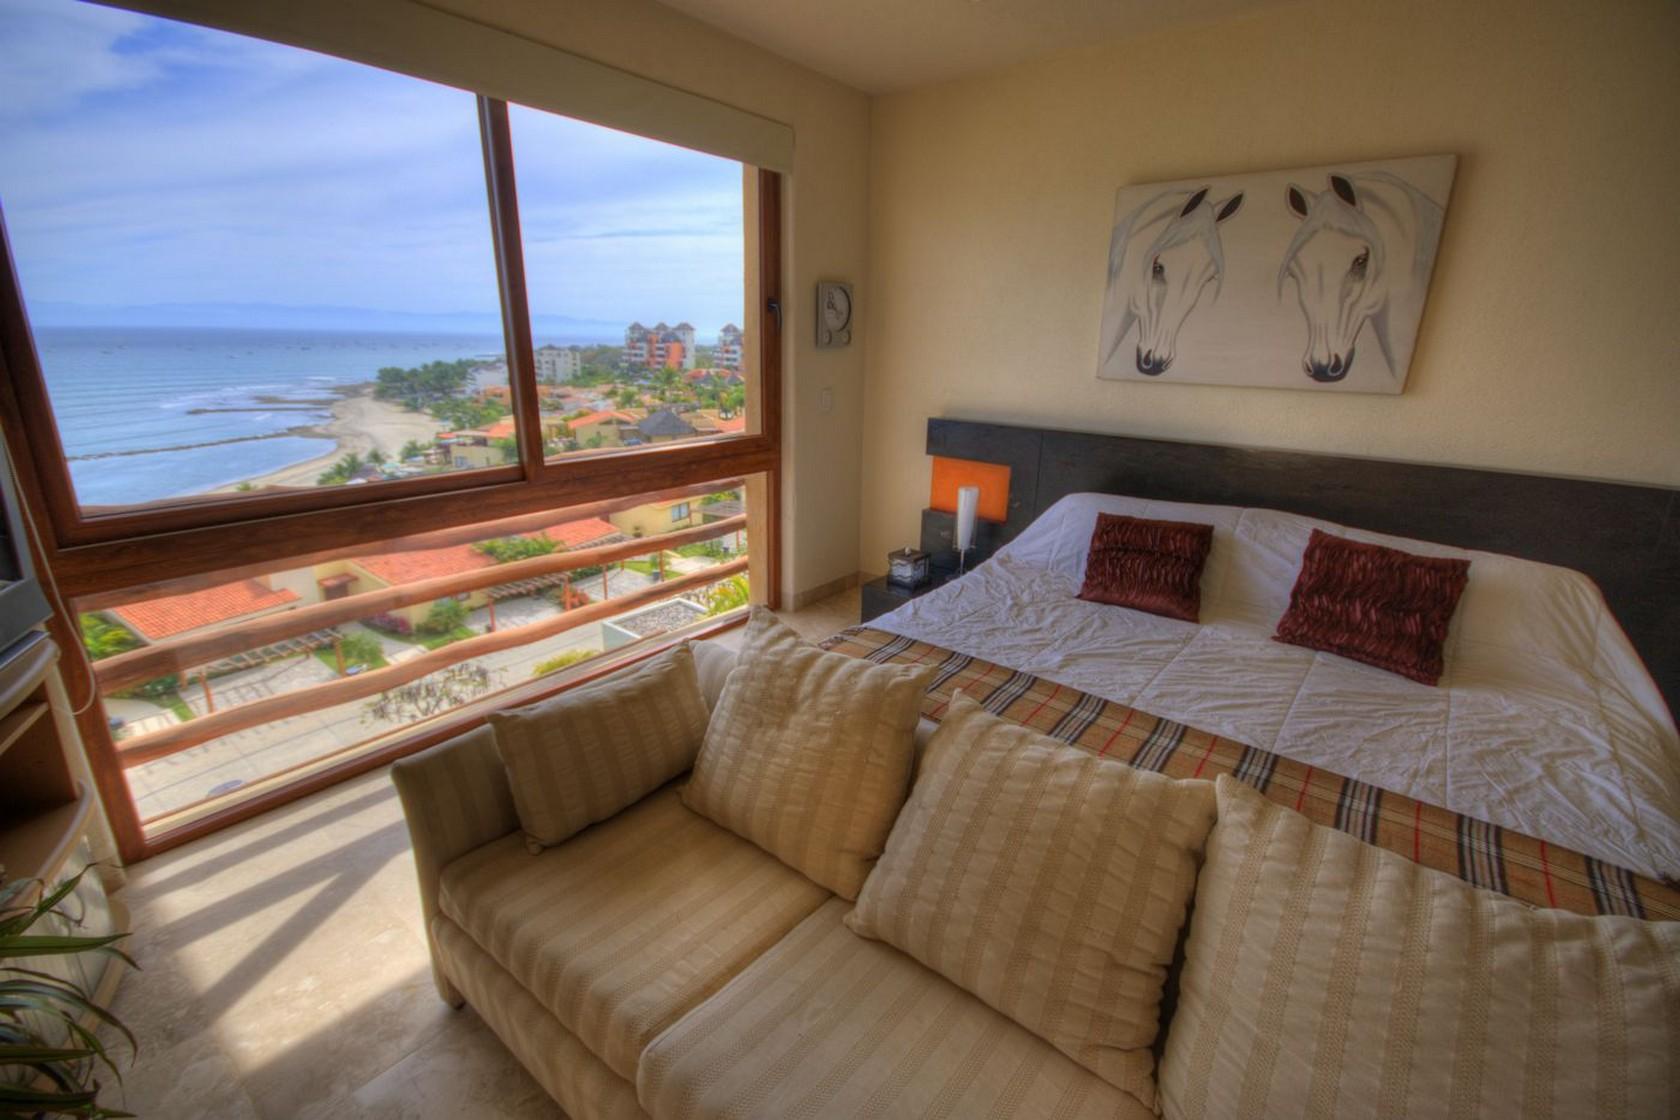 Cama recámara Departamento en venta Punta Esmeralda Resort La Cruz de Huanacaxtle